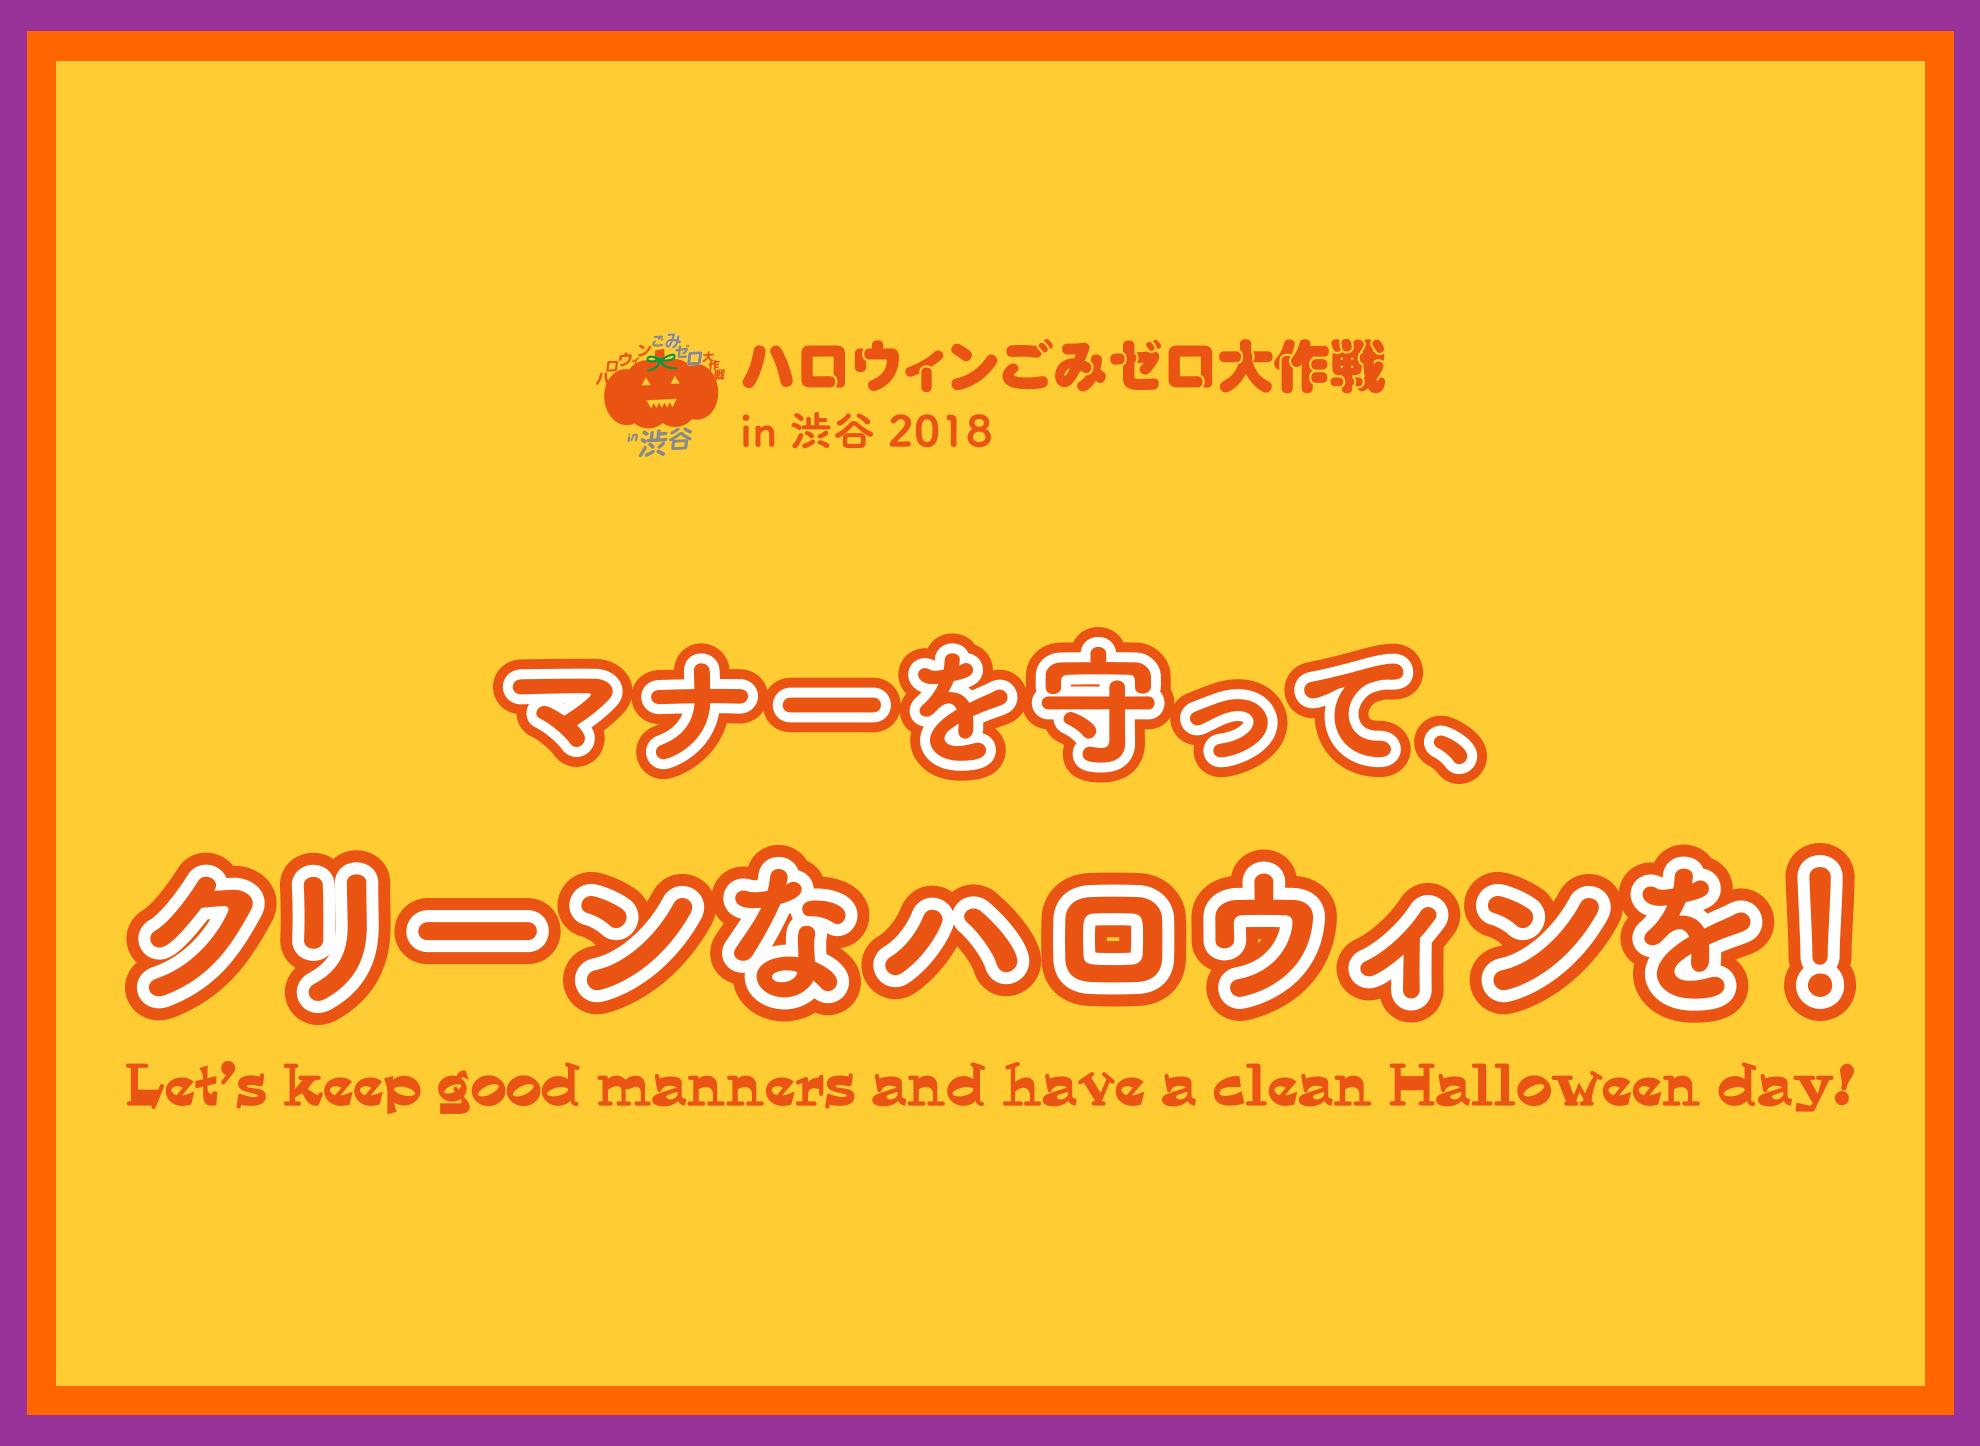 """ハロウィンごみゼロ大作戦 in 渋谷 2018 - マナーを守って、クリーンなハロウィンを! Let's keep good manners and have a clean Halloween day! ここ数年、ハロウィンのシブヤの街には仮装姿の若者たちが 一夜限りの仮装パーティーを楽しむために大勢集まり、 その結果、いたるところにごみが大量に散在する惨状となっています。 そんな惨状は、ハロウィン当日だけではなく、直前の週末から続いています。 また、仮装を行うために、駅や近隣の商業施設のトイレが使用され、 放置ごみやメイクの汚れがとても目立ちました。 渋谷の街におけるこうした問題をみなさんと共に解決すべく始まった、 今年で4年目を迎える""""ハロウィンごみゼロ大作戦 in 渋谷 2018"""" 「ハロウィン当日31日、マナーを守ってクリーンなハロウィンを!」呼びかけていきます。"""